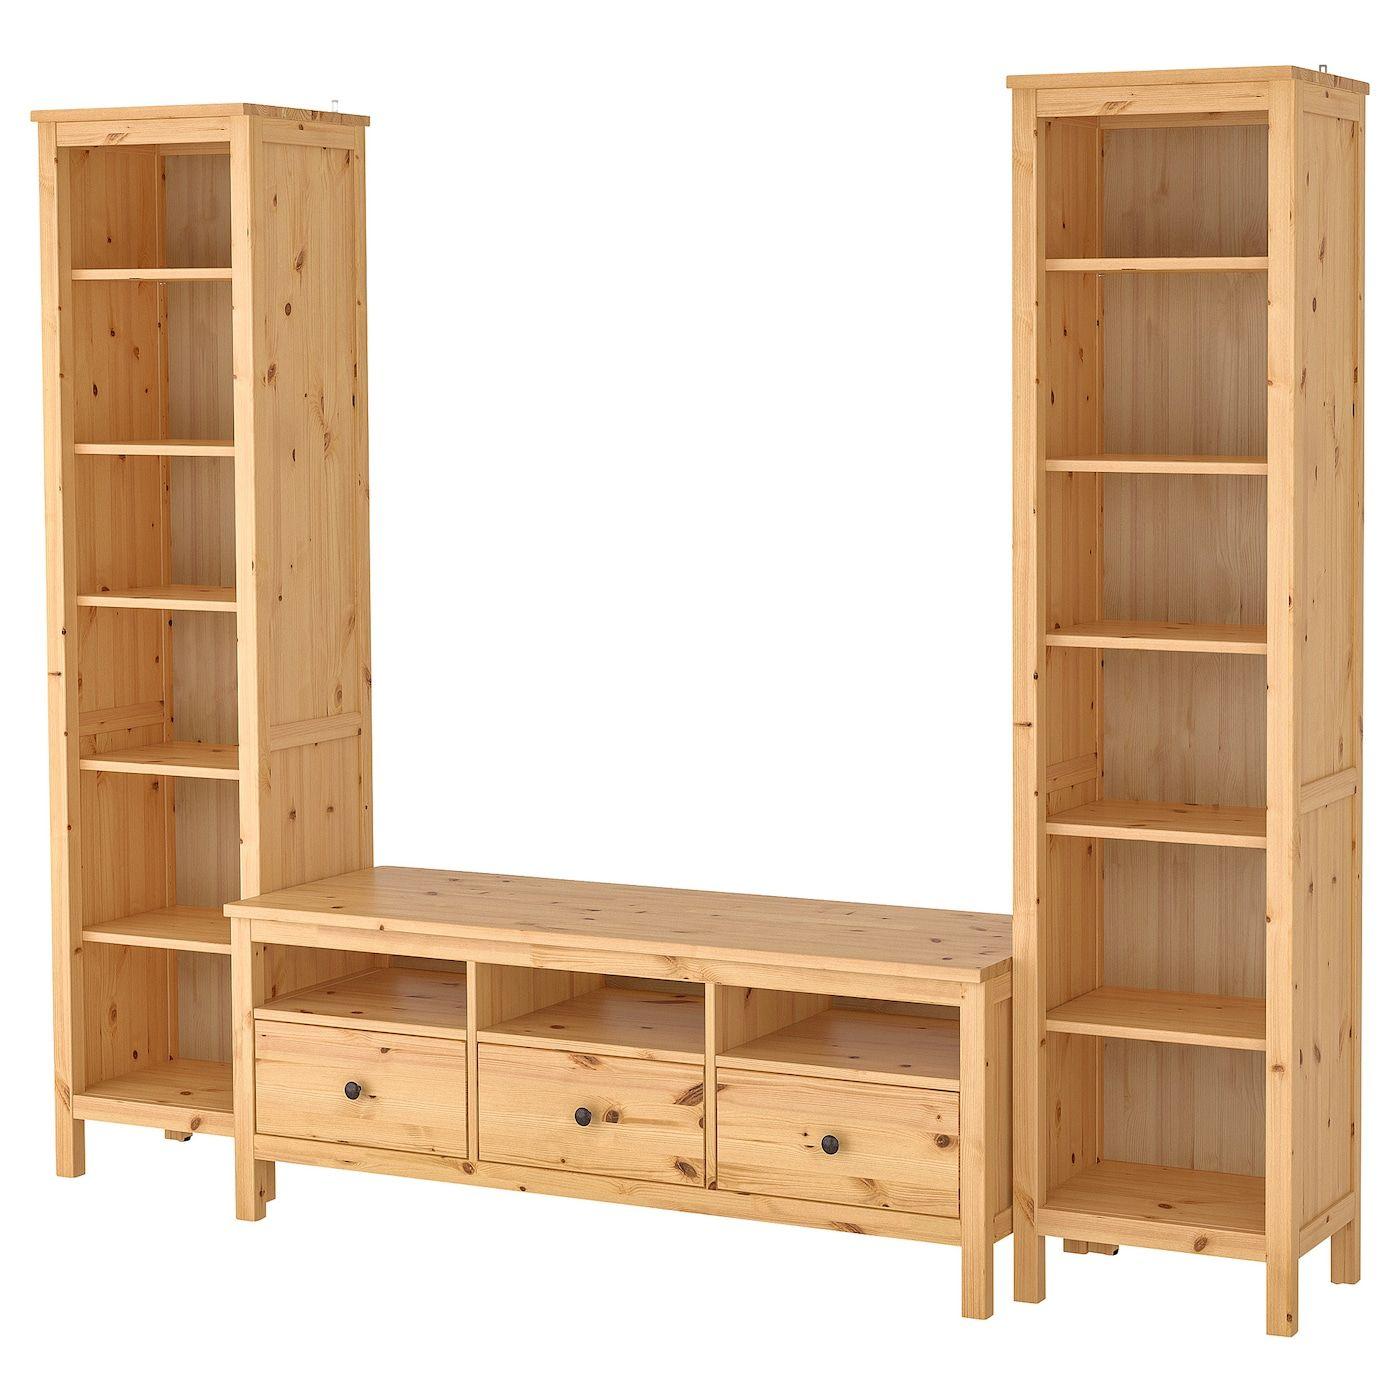 Hemnes Ikea Tv Kast.Hemnes Tv Meubel Combi In 2020 Tv Storage Hemnes Ikea